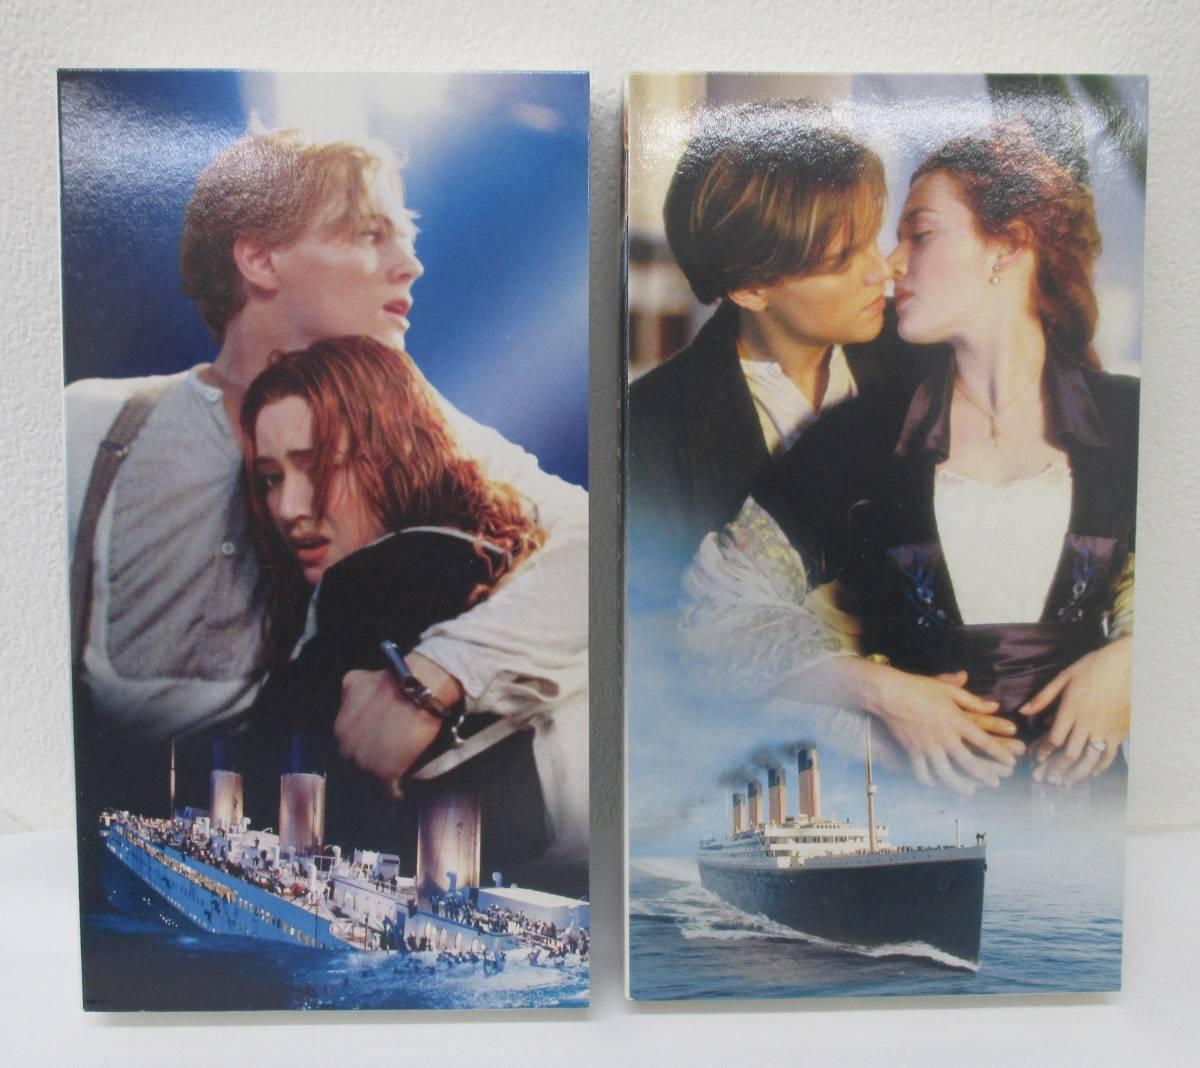 映画 【TITANIC】 タイタニック 全編 後編 2本組 VHS ビデオテープ レオナルド・ディカプリオ_画像3